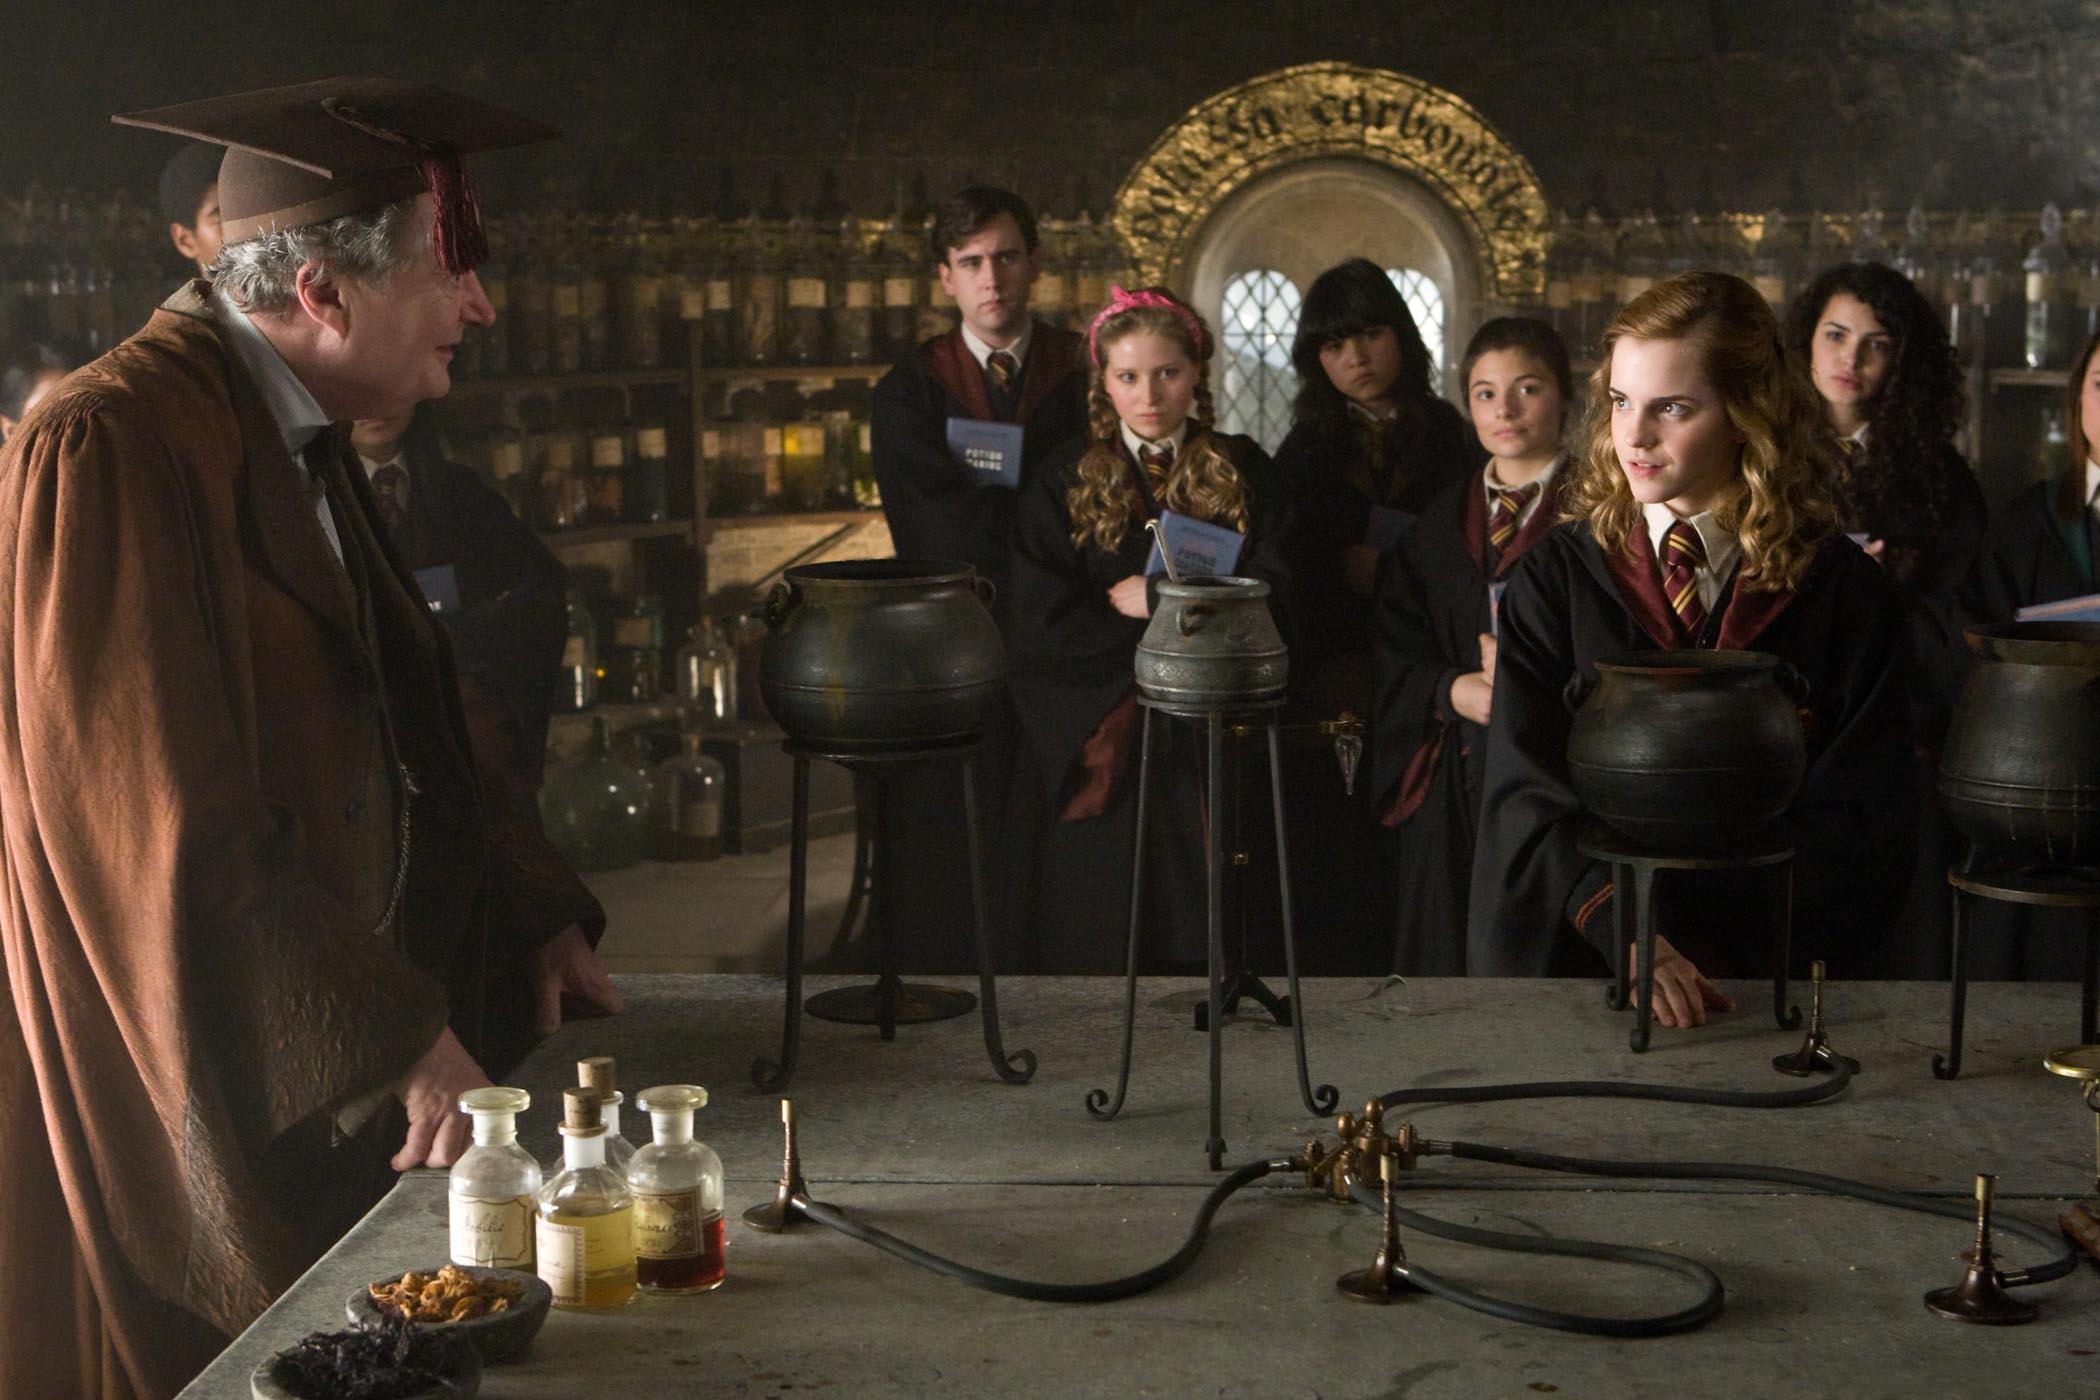 Наука в книгах о Гарри Поттере. Этот курс действительно преподают в Университете Фростбурга. В его р